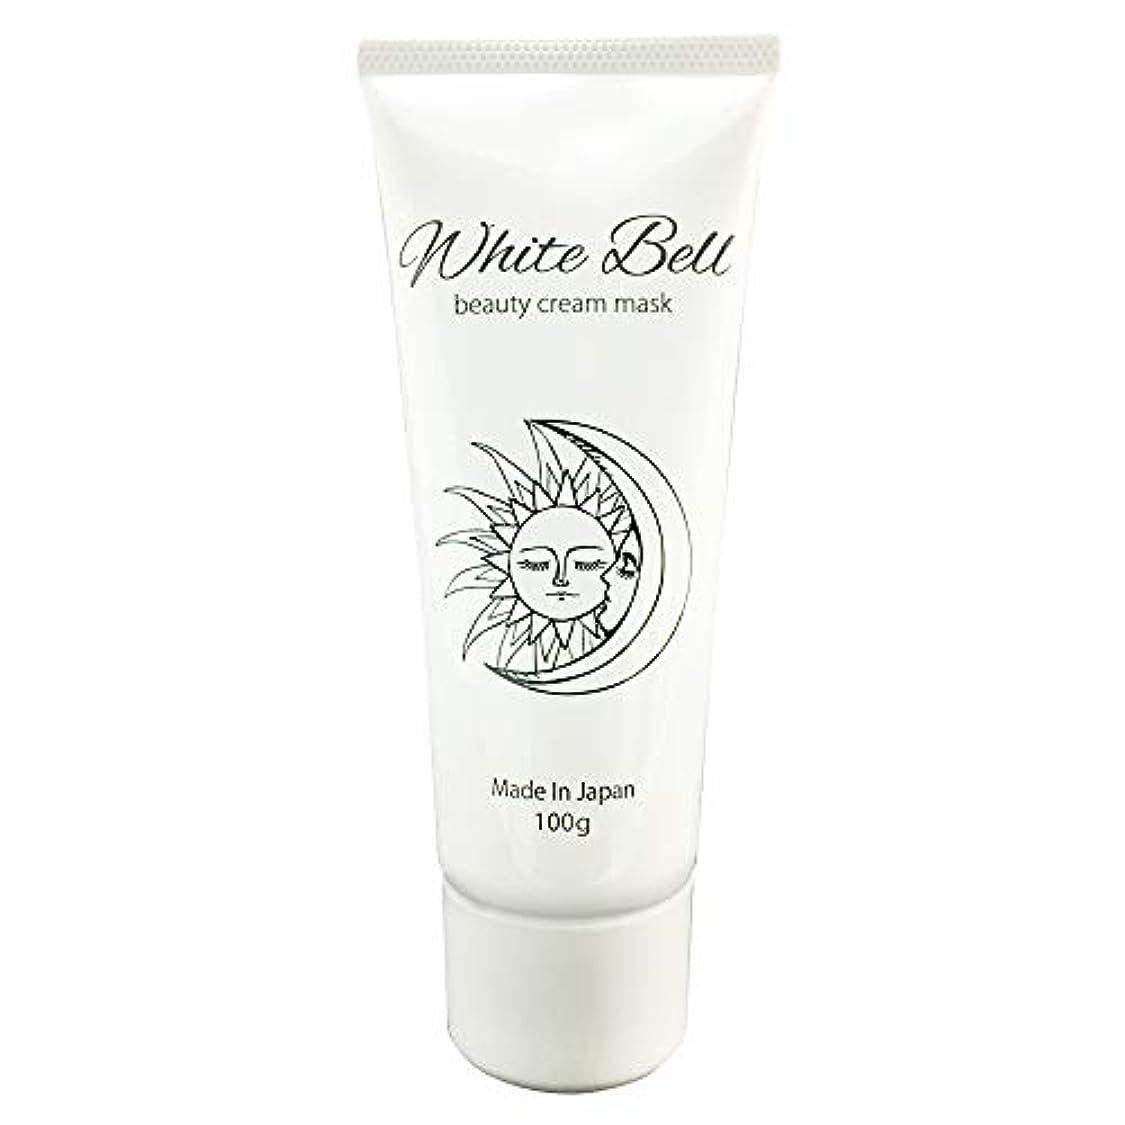 マーキング先祖忠実にホワイトベル ビューティークリームマスク White-Bell beauty cream mask ナイトクリーム オールインワン